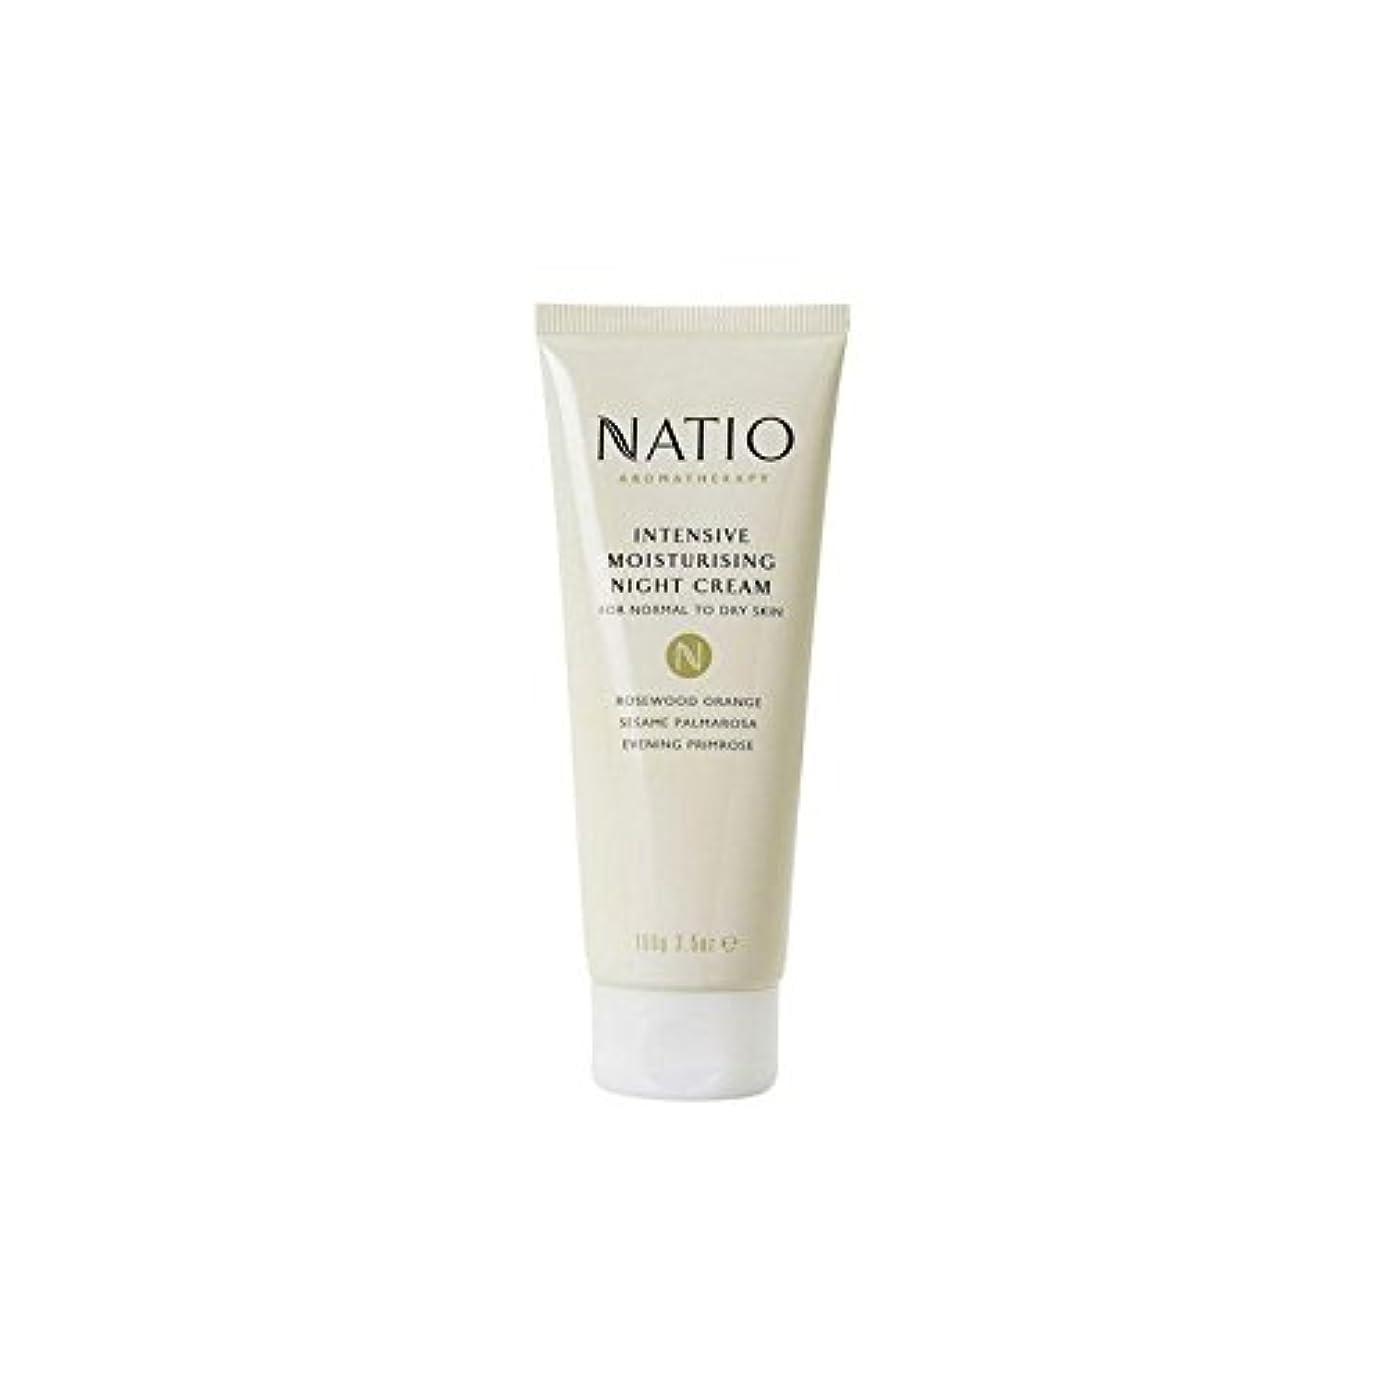 愚か能力名目上のNatio Intensive Moisturising Night Cream (100G) - 集中的な保湿ナイトクリーム(100グラム) [並行輸入品]